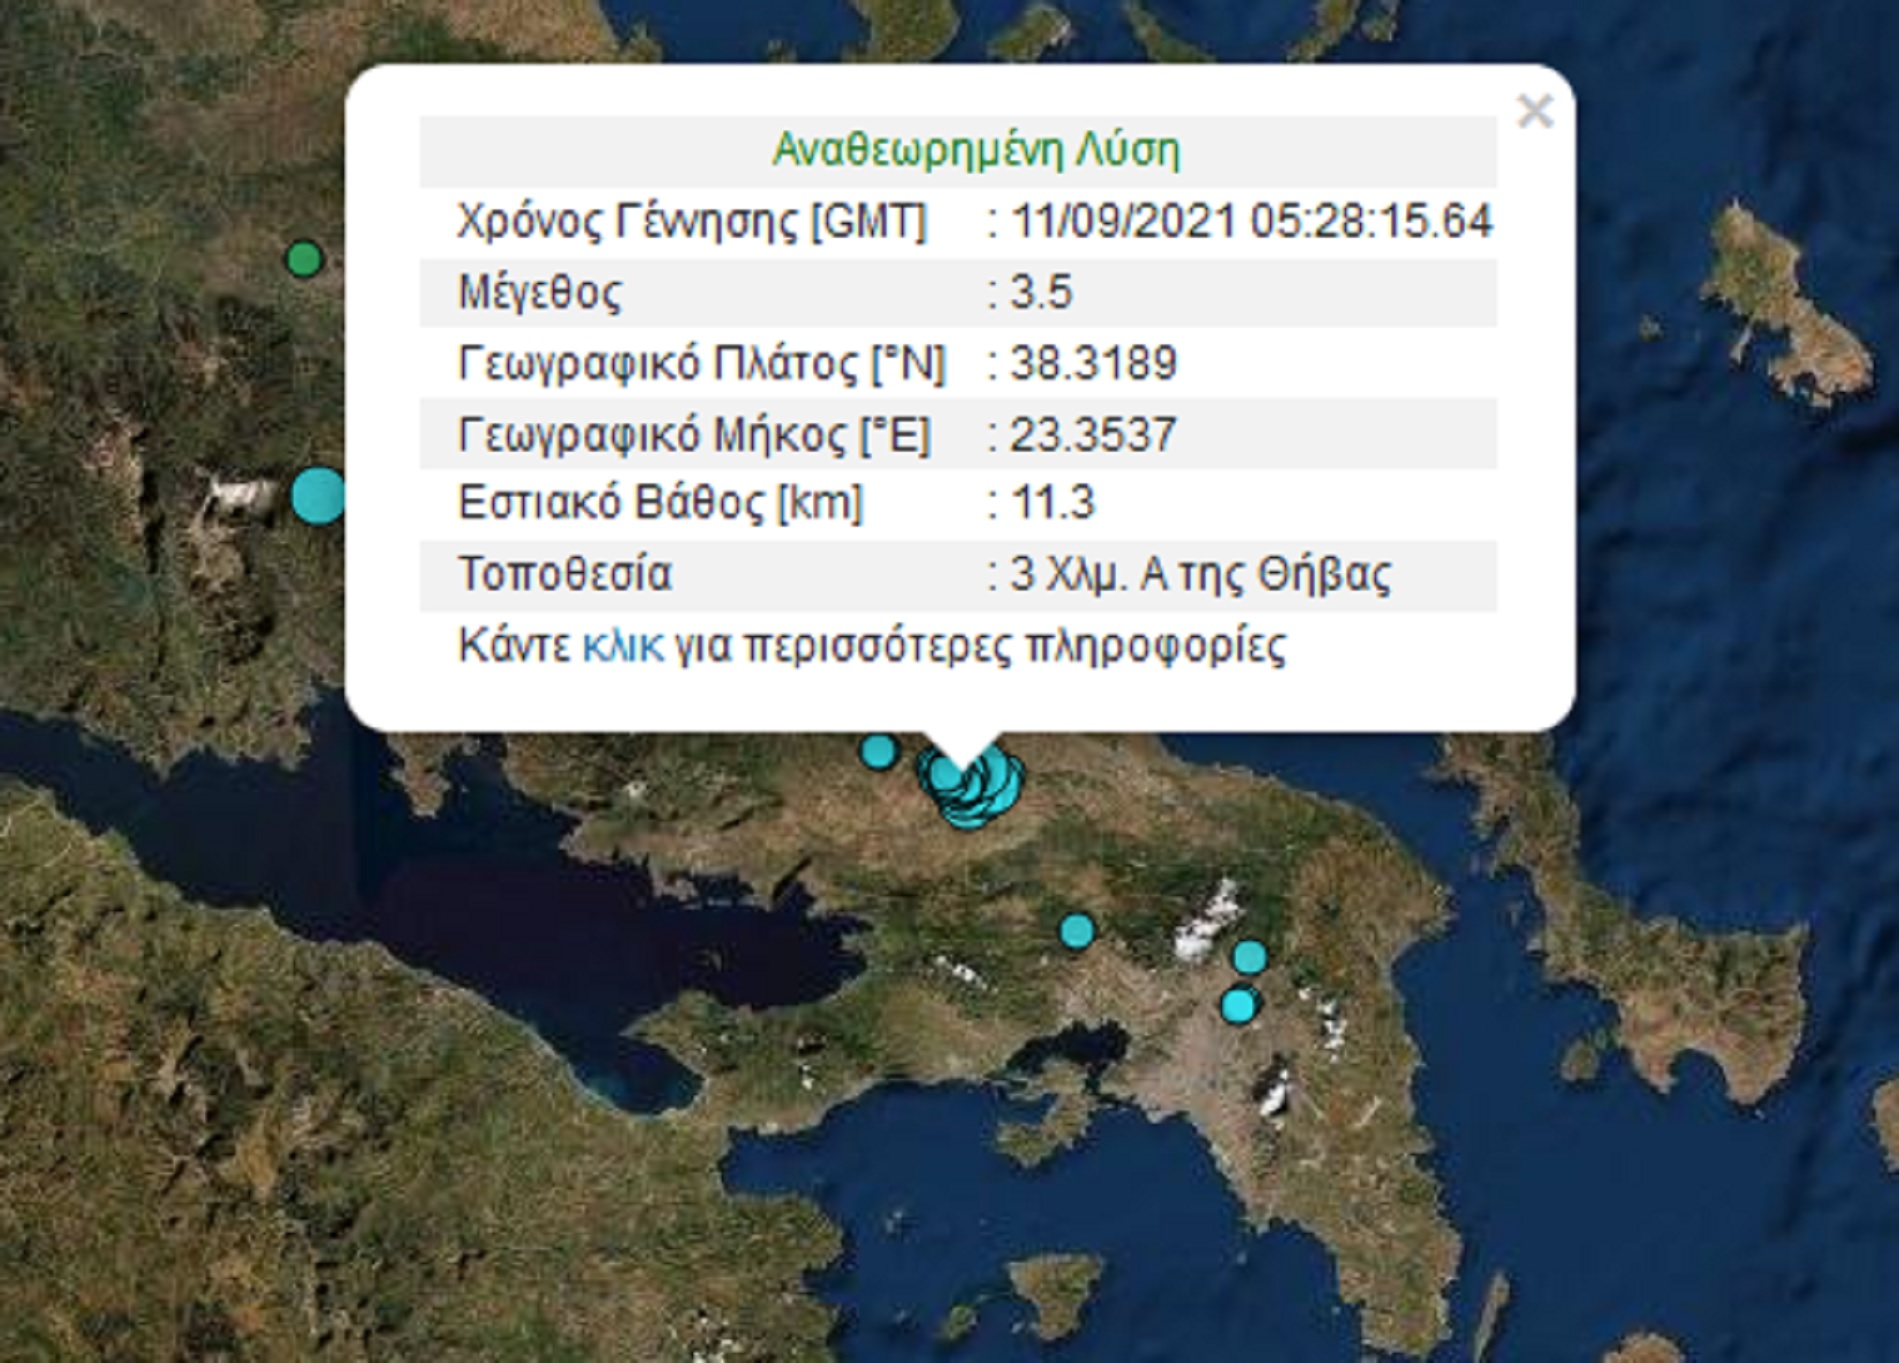 Σεισμός 3,5 Ρίχτερ στη Θήβα